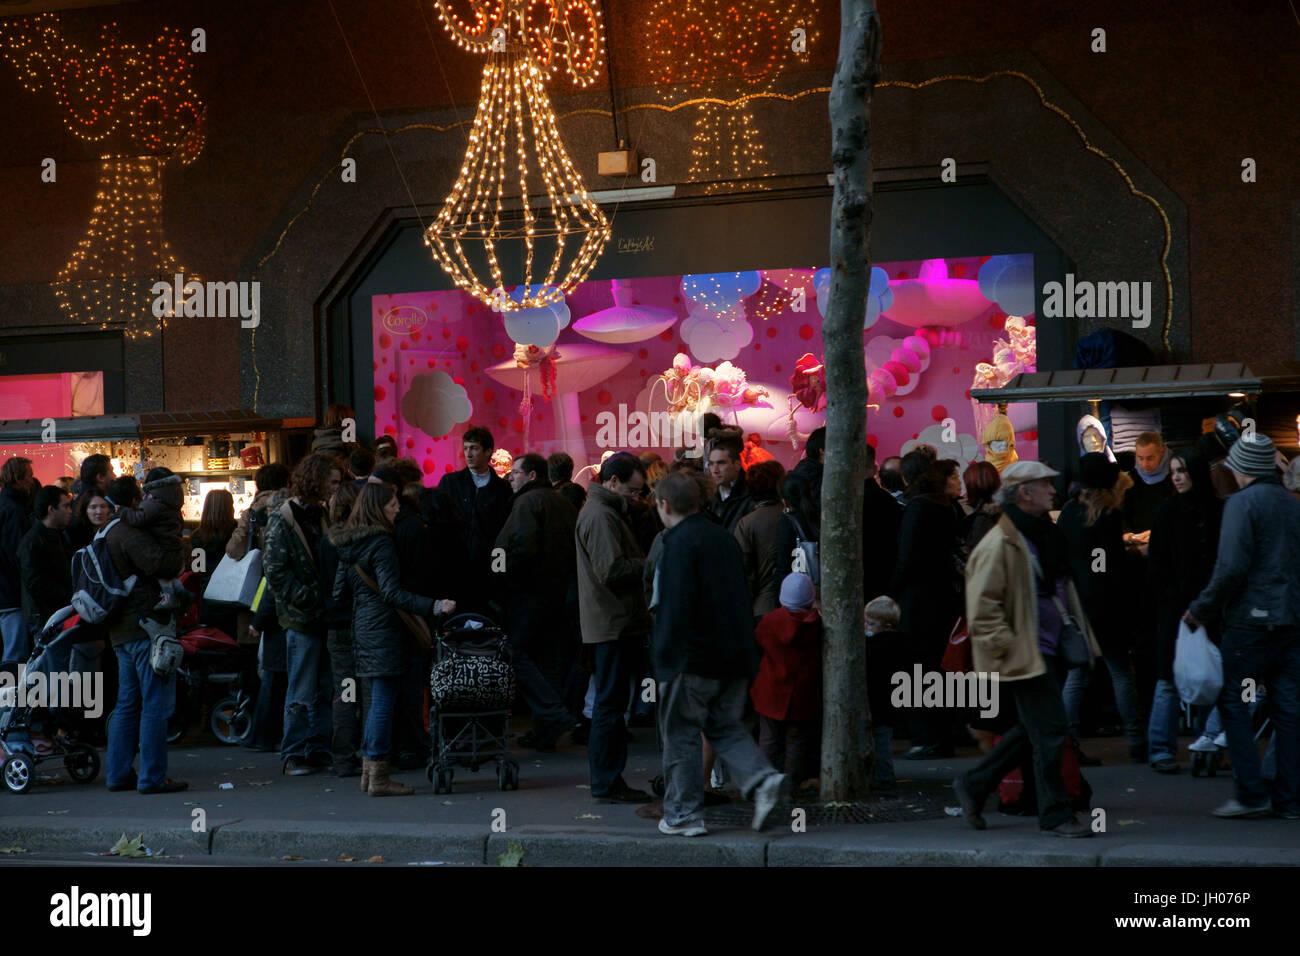 Les gens, les Galeries Lafayette Haussmann, Boulevard Haussmann - 75008, (75), Paris, France Banque D'Images